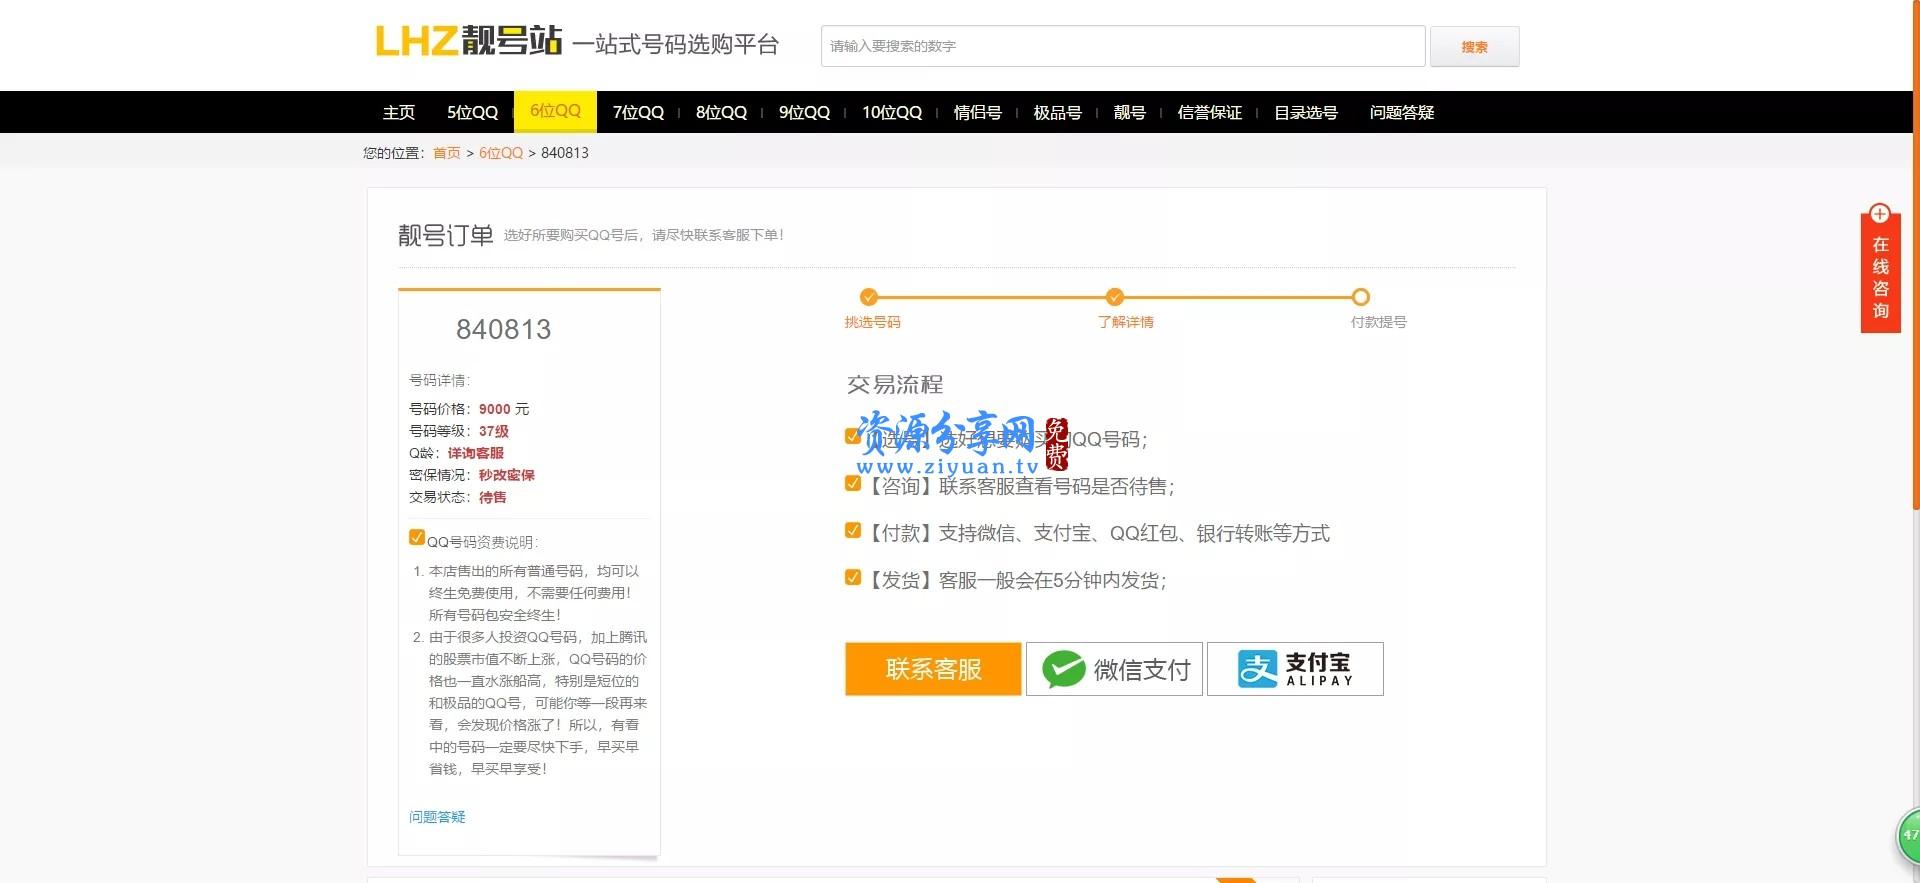 QQ 靓号、QQ 短号码、交易平台程序